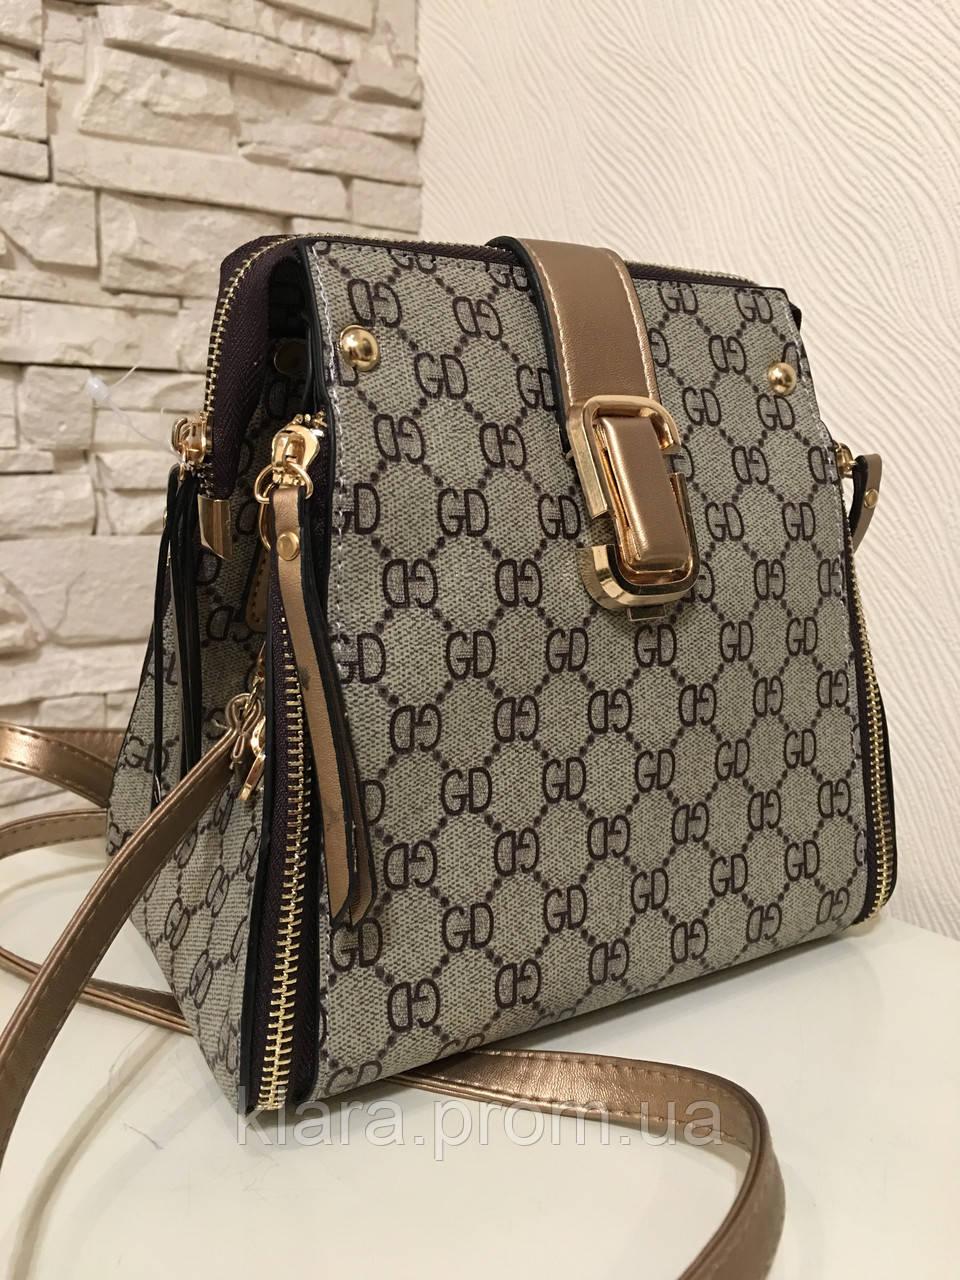 2d34d455aff1 Модная молодежная женская сумка-рюкзак бежевого цвета с принтом ,новинка  сезона 2019